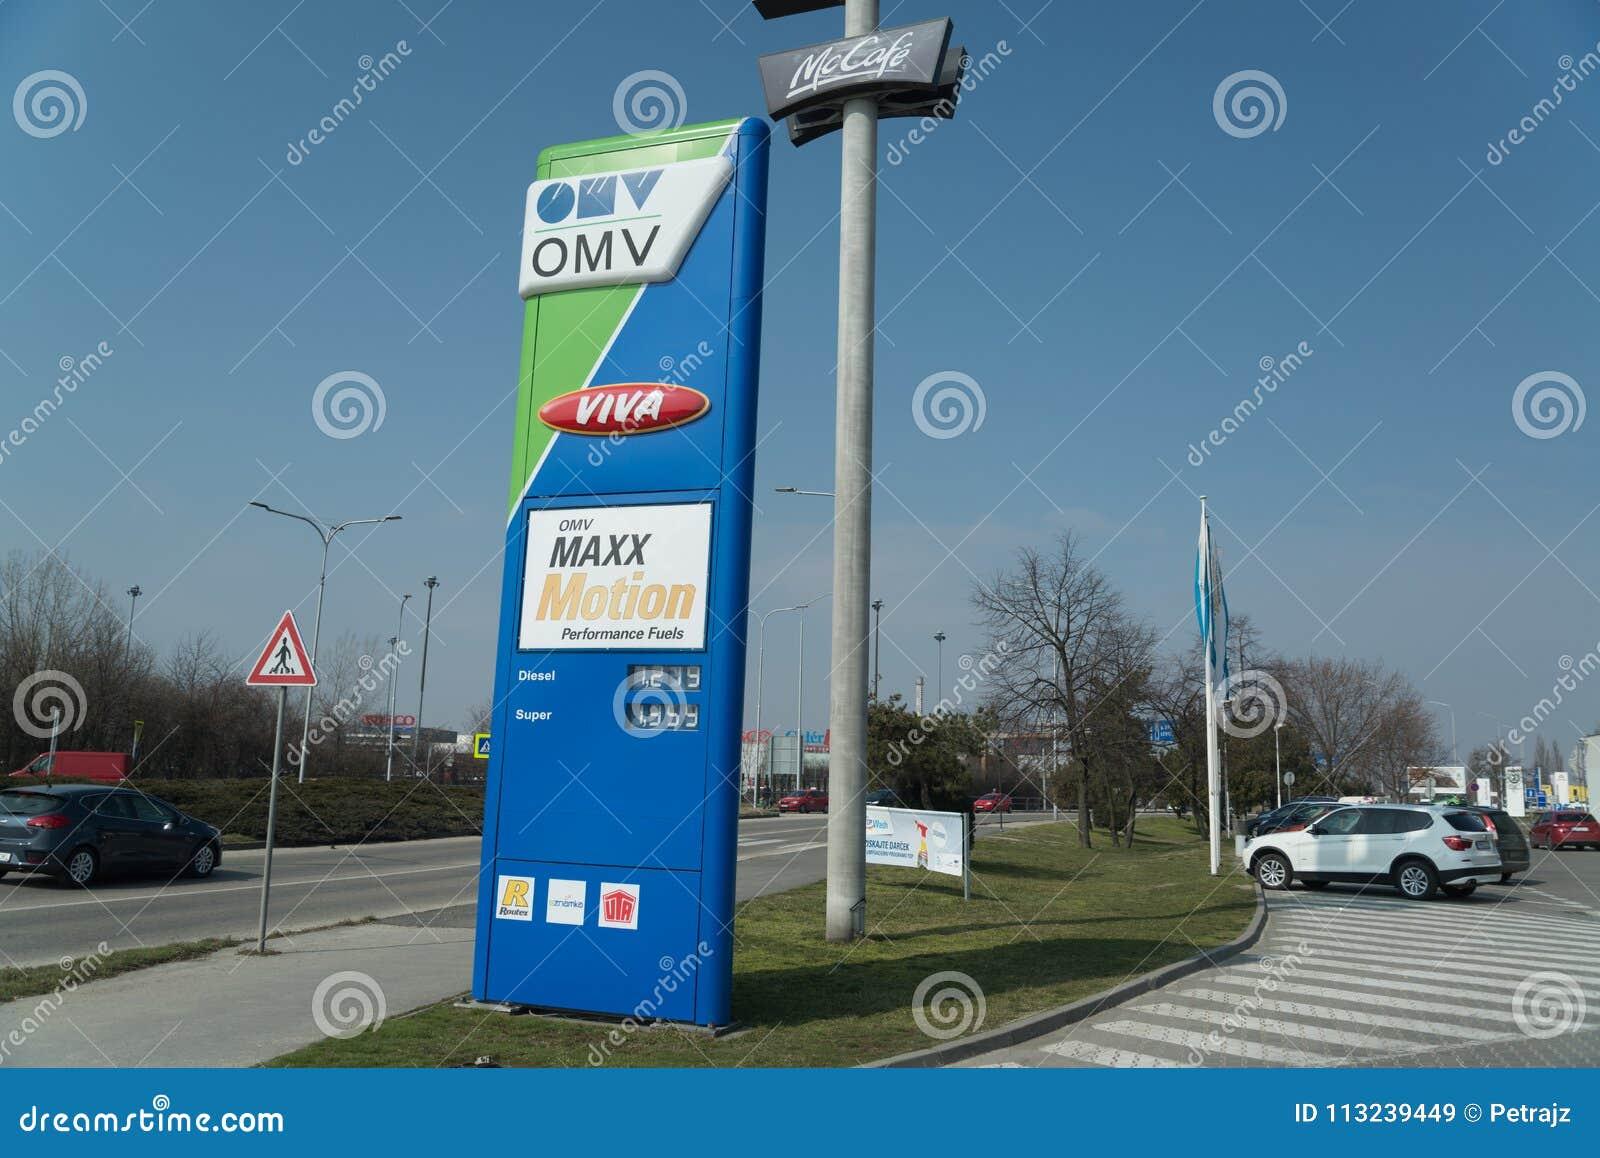 Πρατήριο καυσίμων βενζίνης OMV